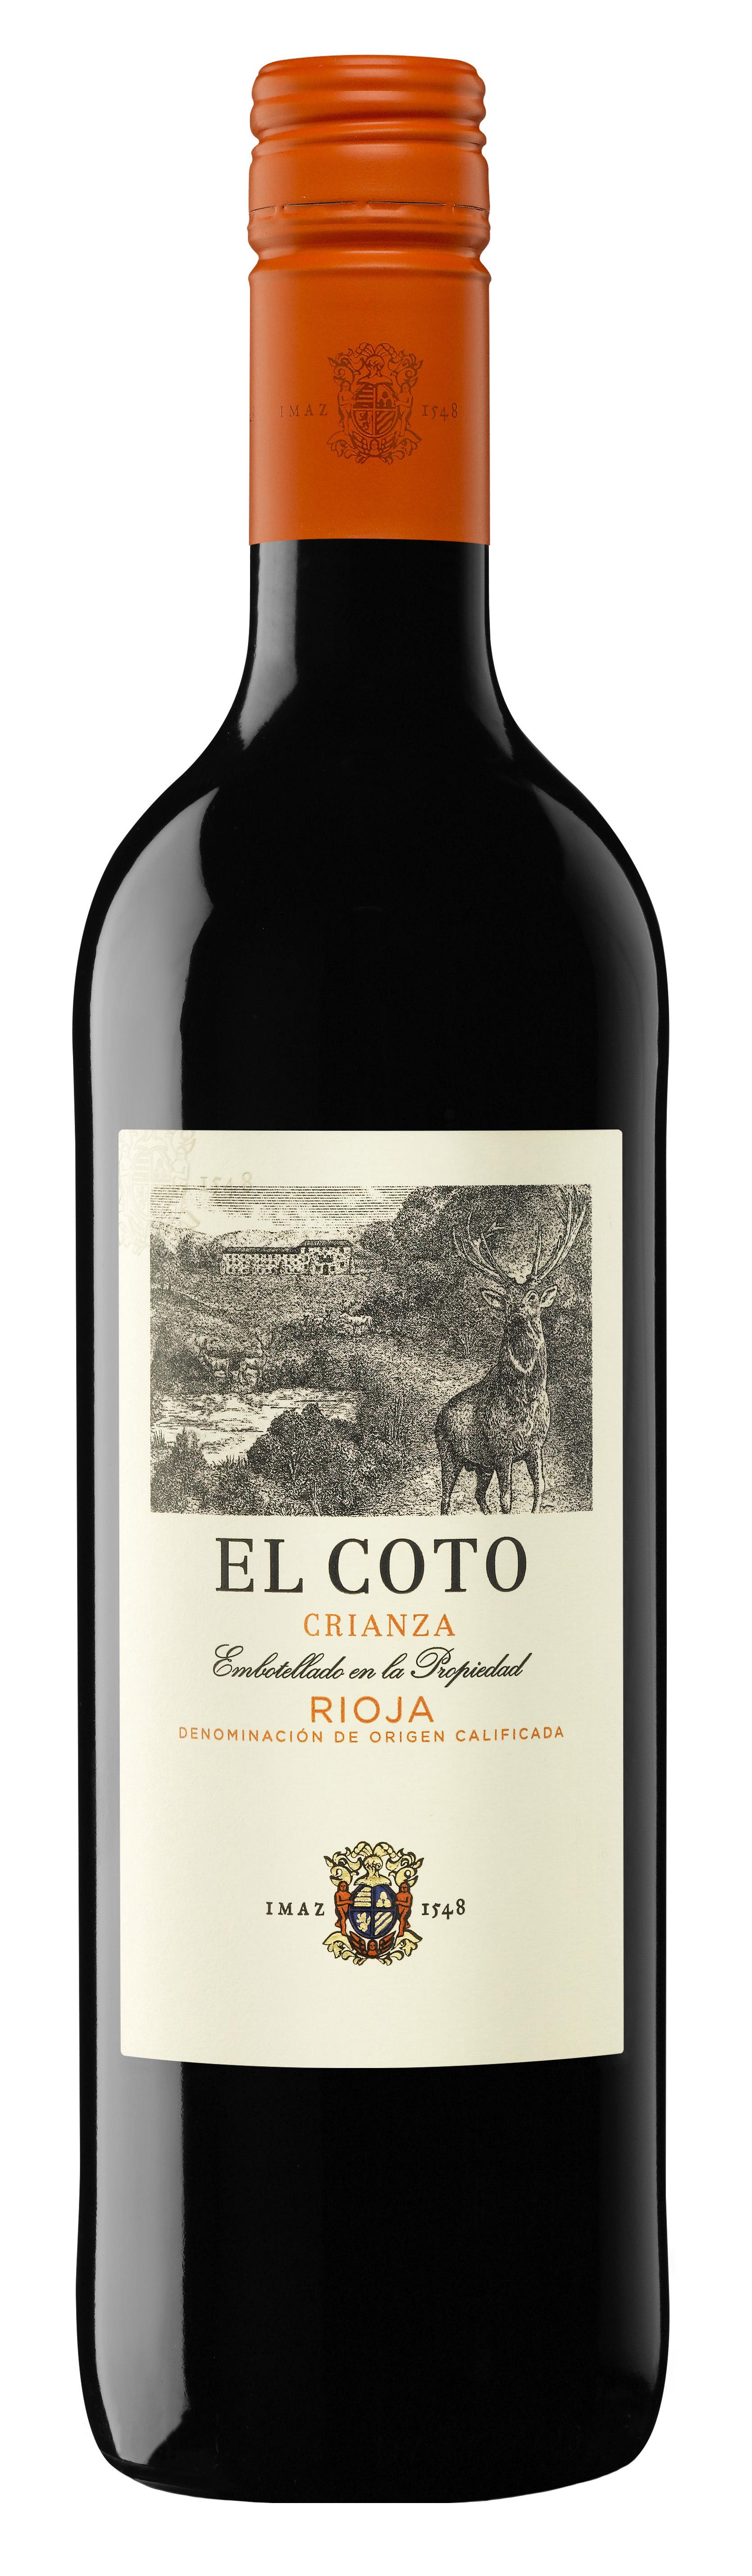 El Coto, Rioja Crianza 2015